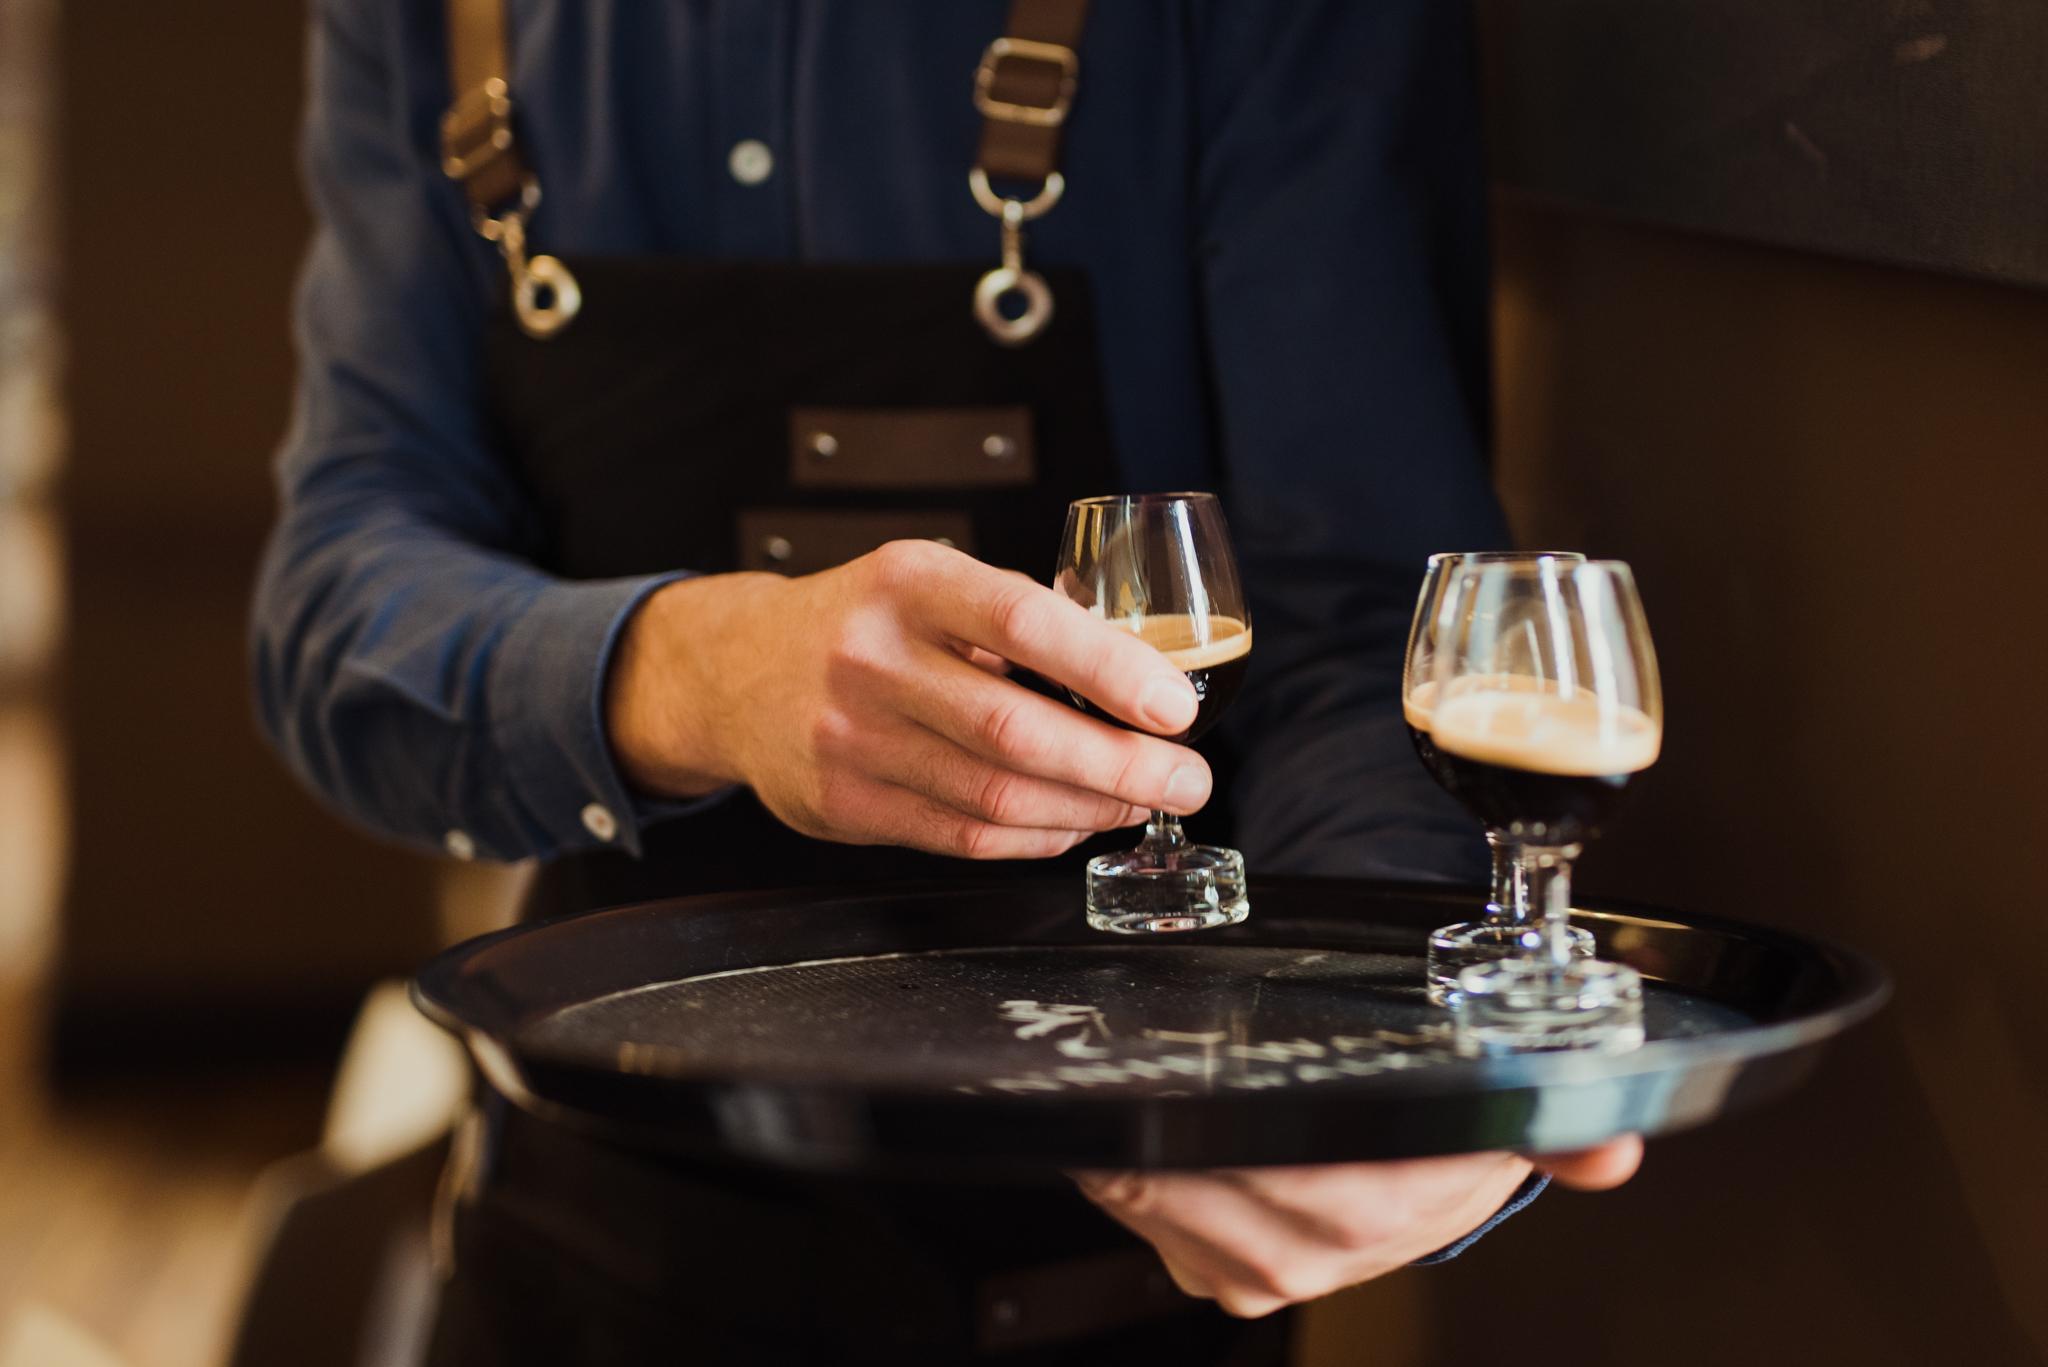 Nespresso_Baracca-Lunch-Cluj_18-10-2019_Andreea-Popa_KOMITI_0137_WEB